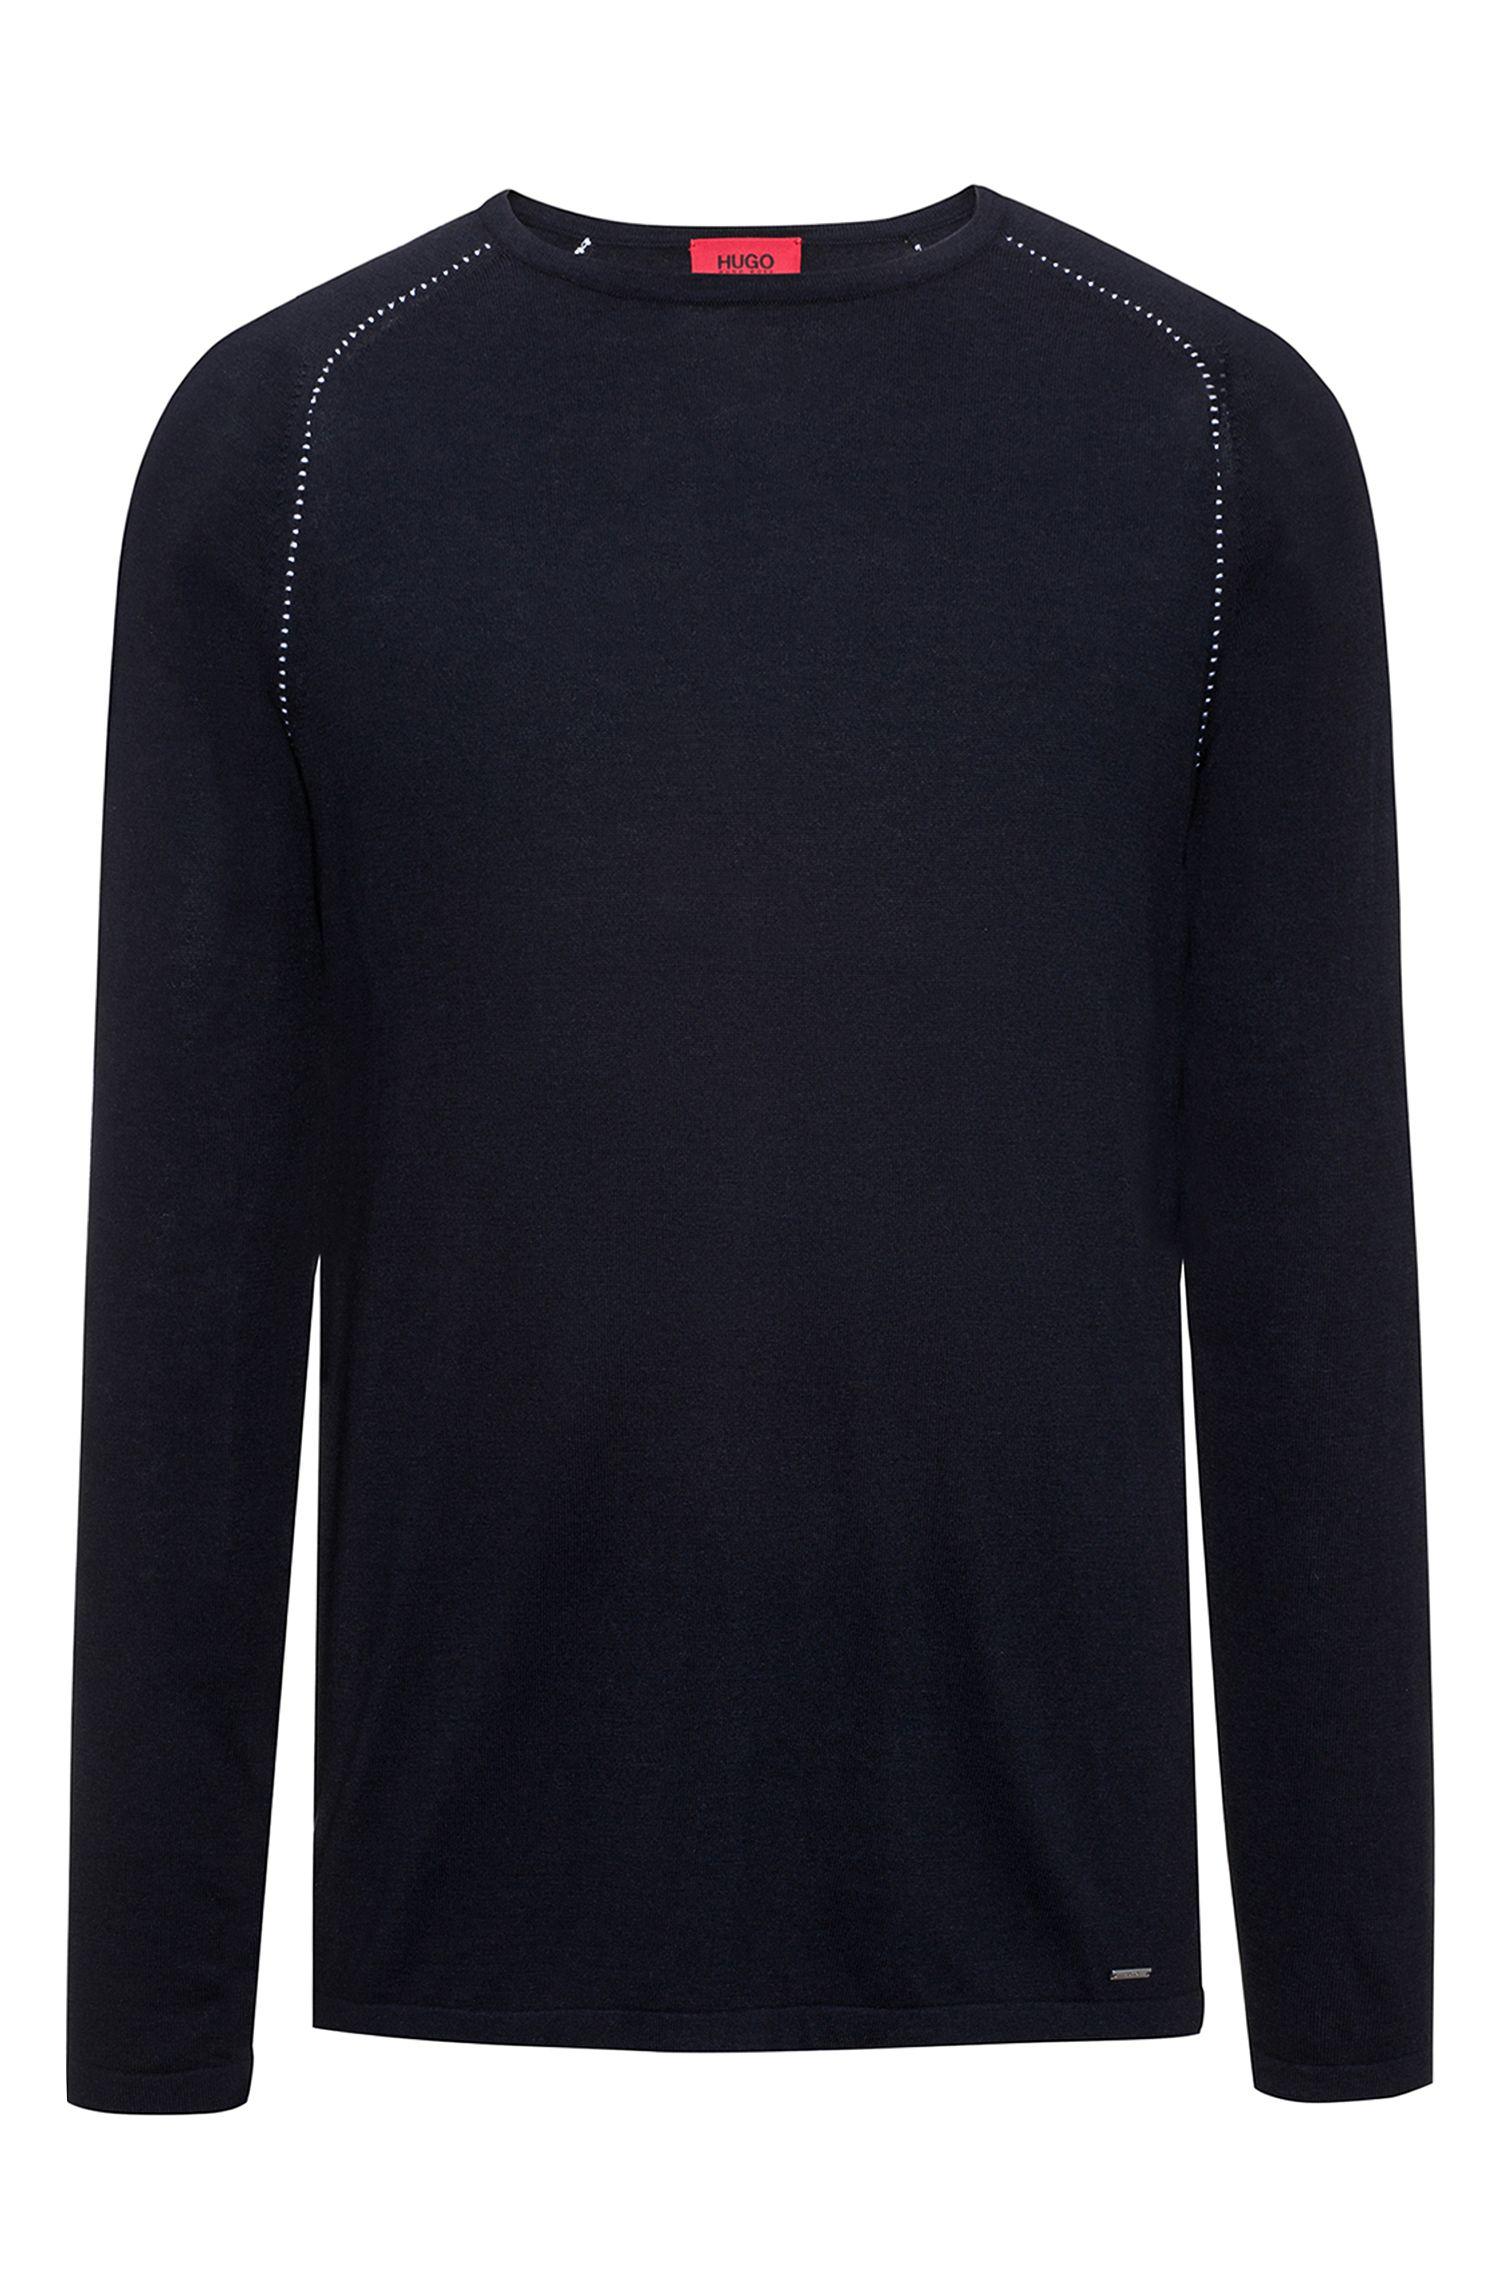 Cotton Blend Raglan-Stitched Sweater   Sevon